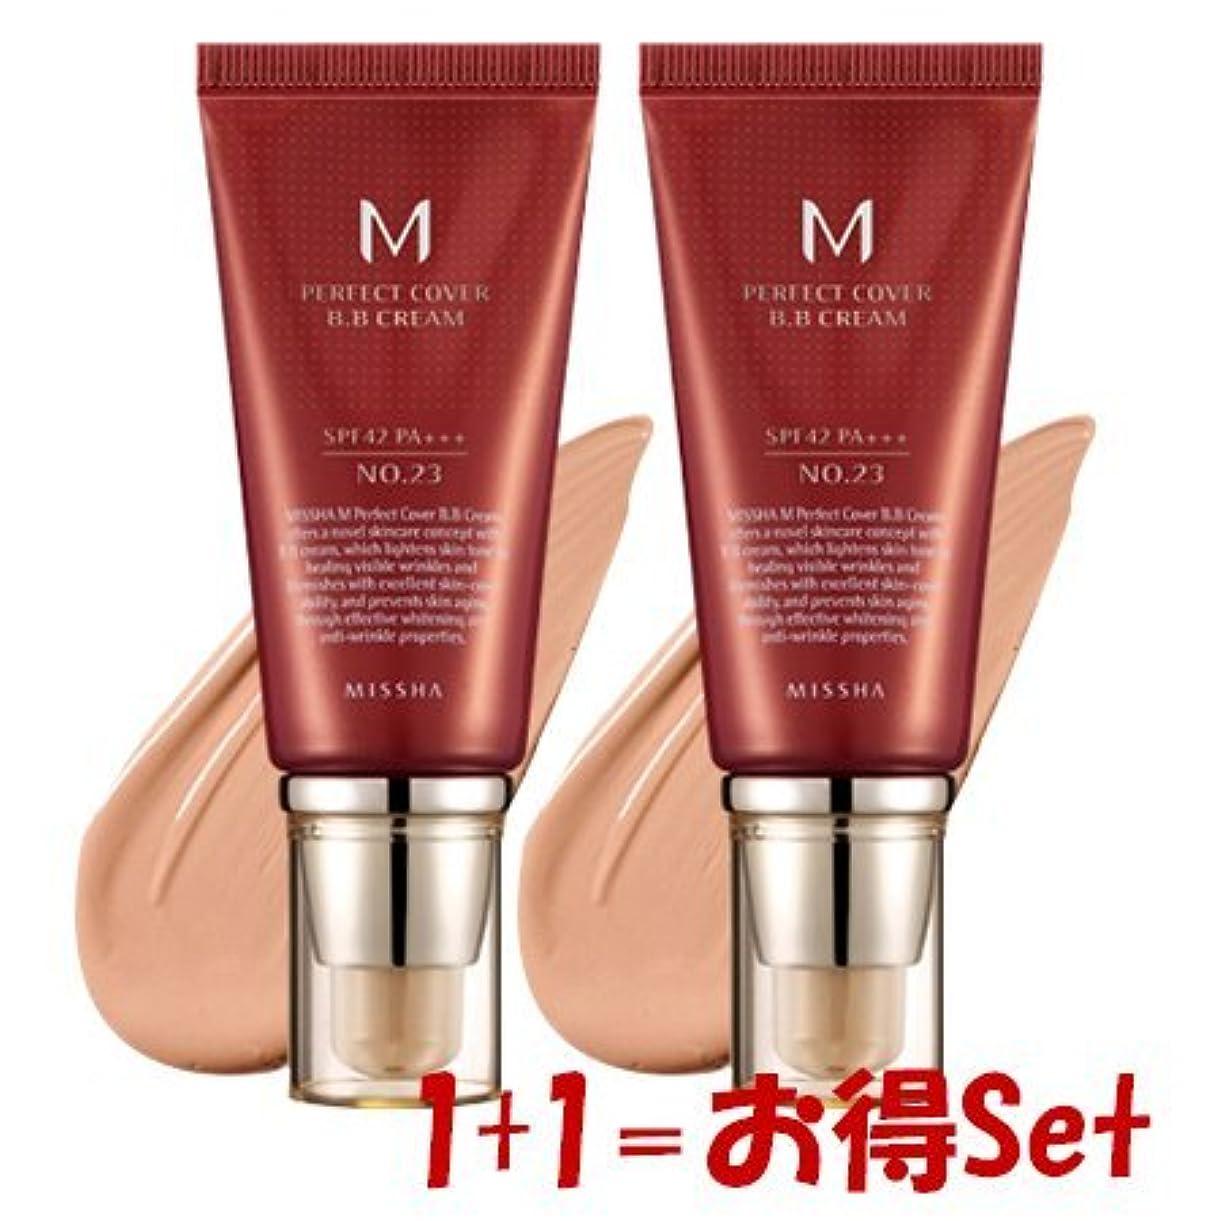 ミトン私サンダースMISSHA(ミシャ) M Perfect Cover パーフェクトカバーBBクリーム 23号+23号(1+1=お得Set)